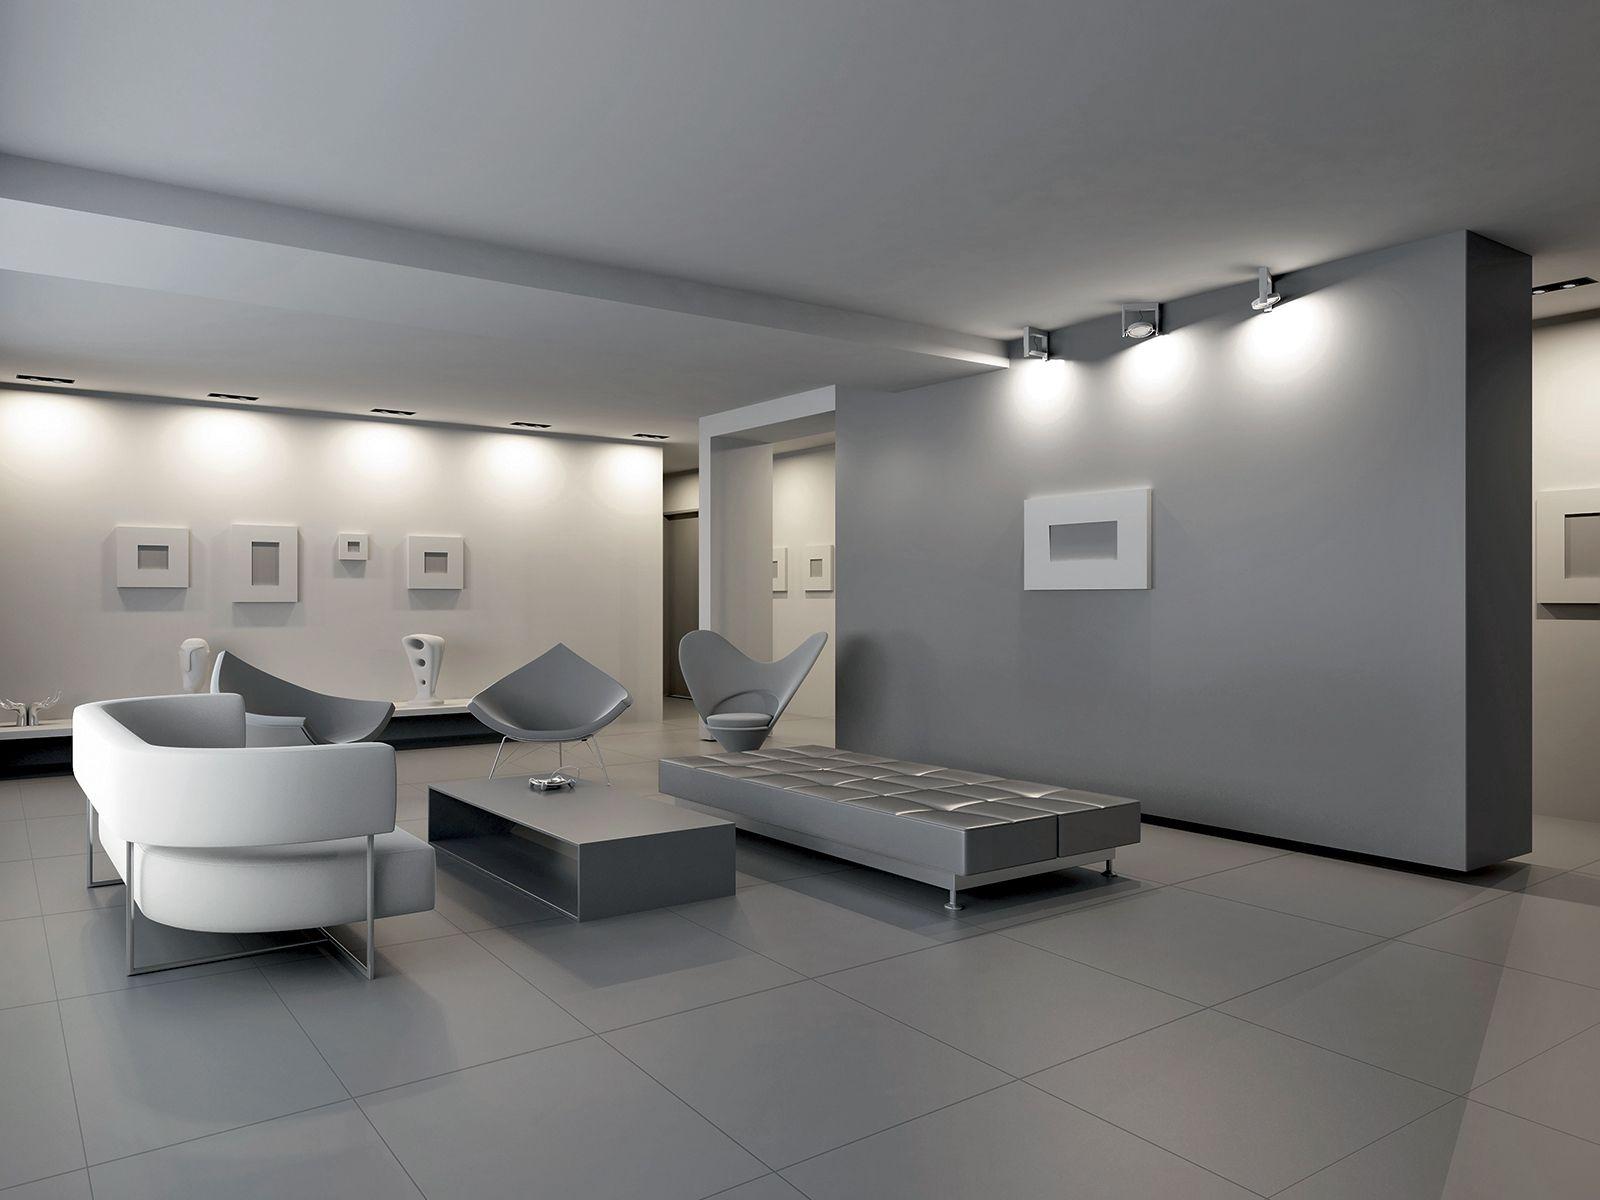 r 233 flex 174 boutique pr 233 sente 224 la vente en ligne un carrelage ultra moderne et grand format 60x60